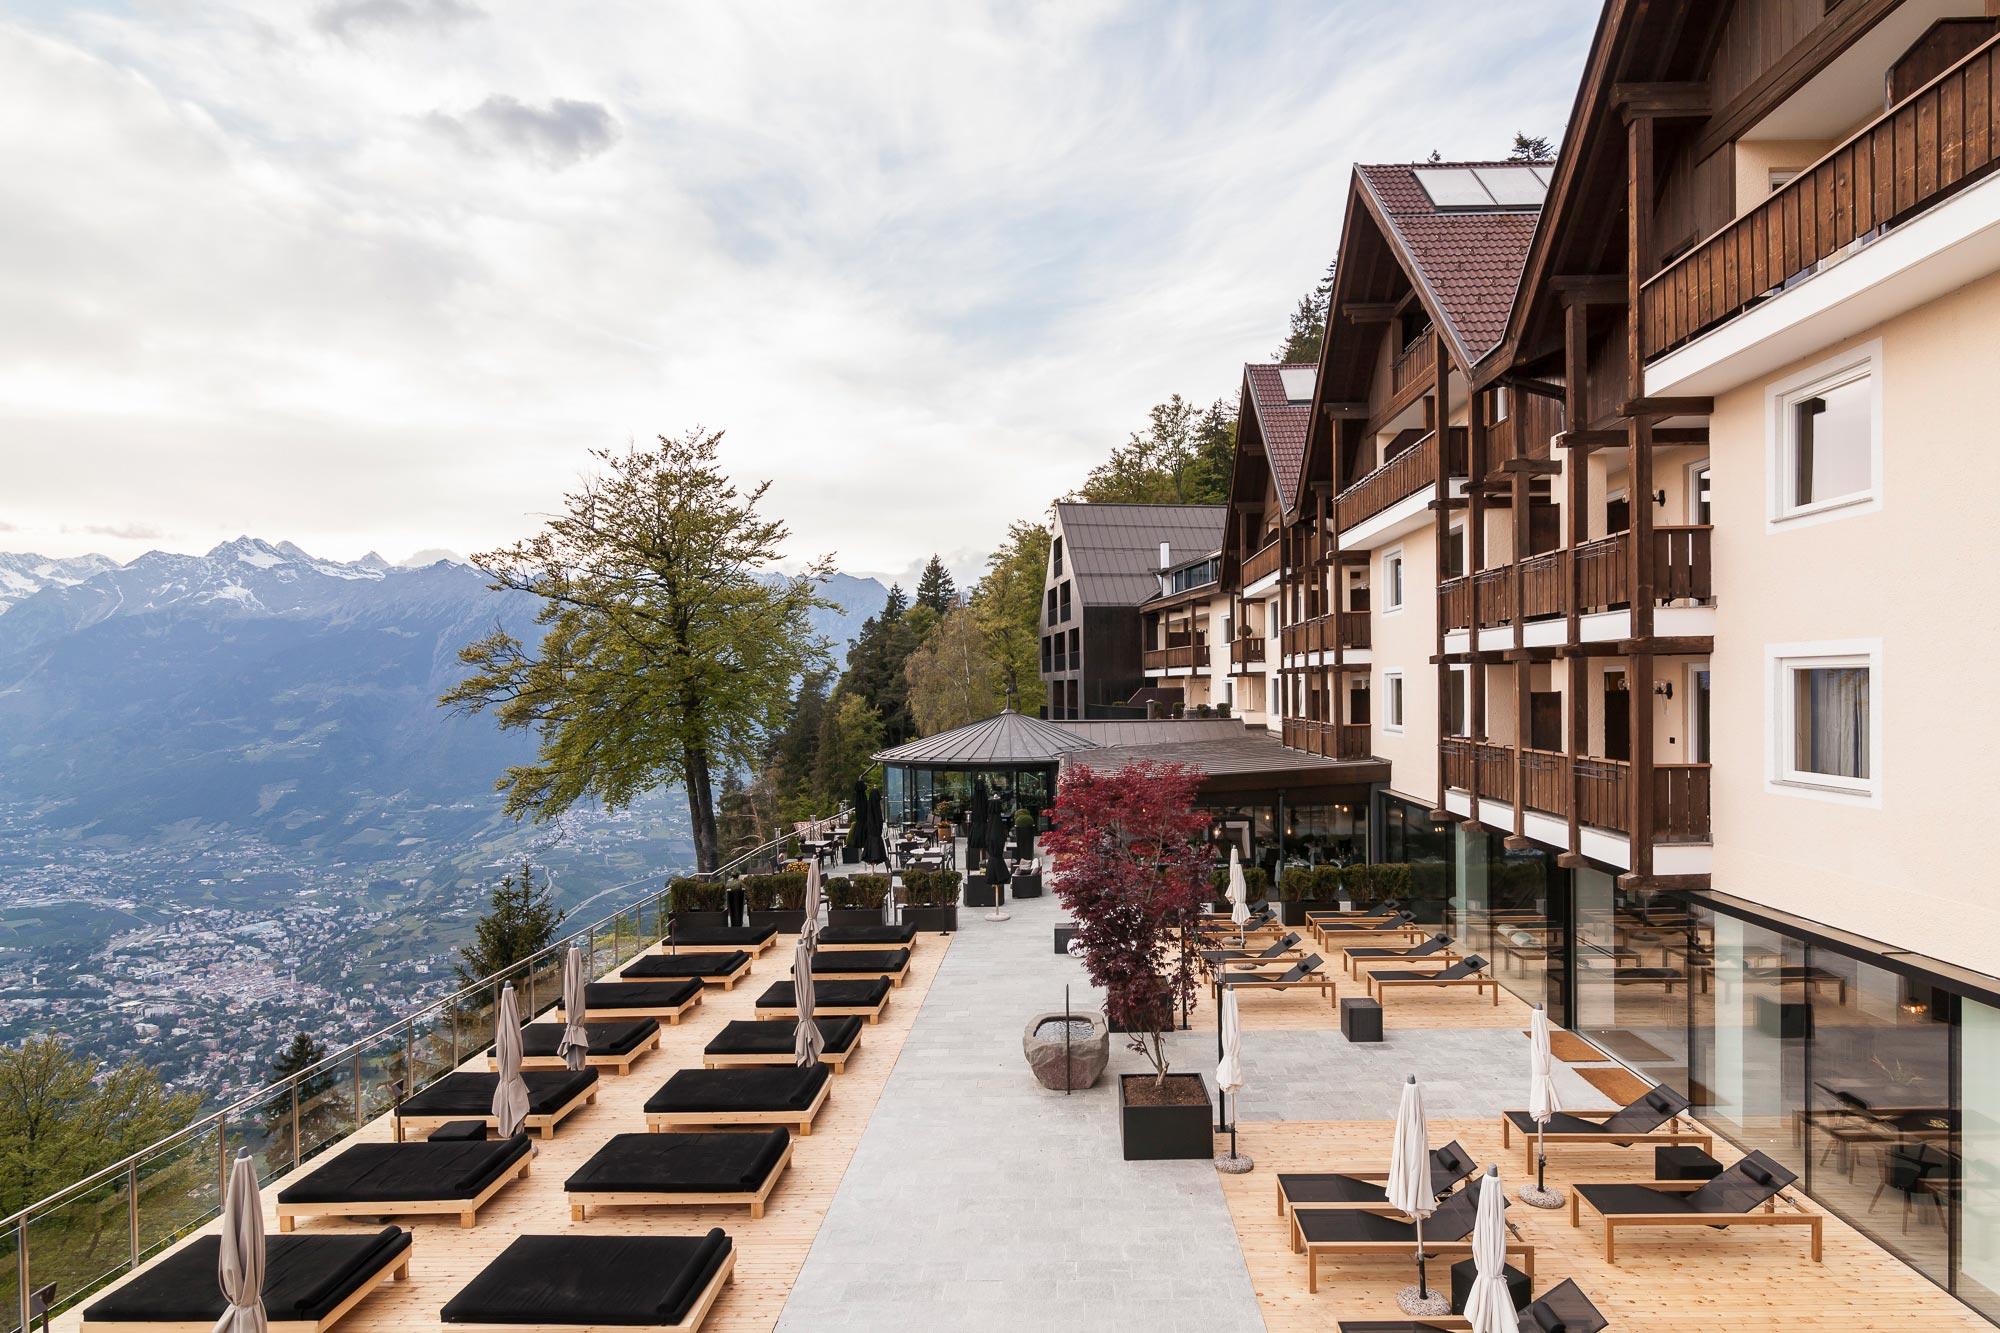 miramonti-hotel-1